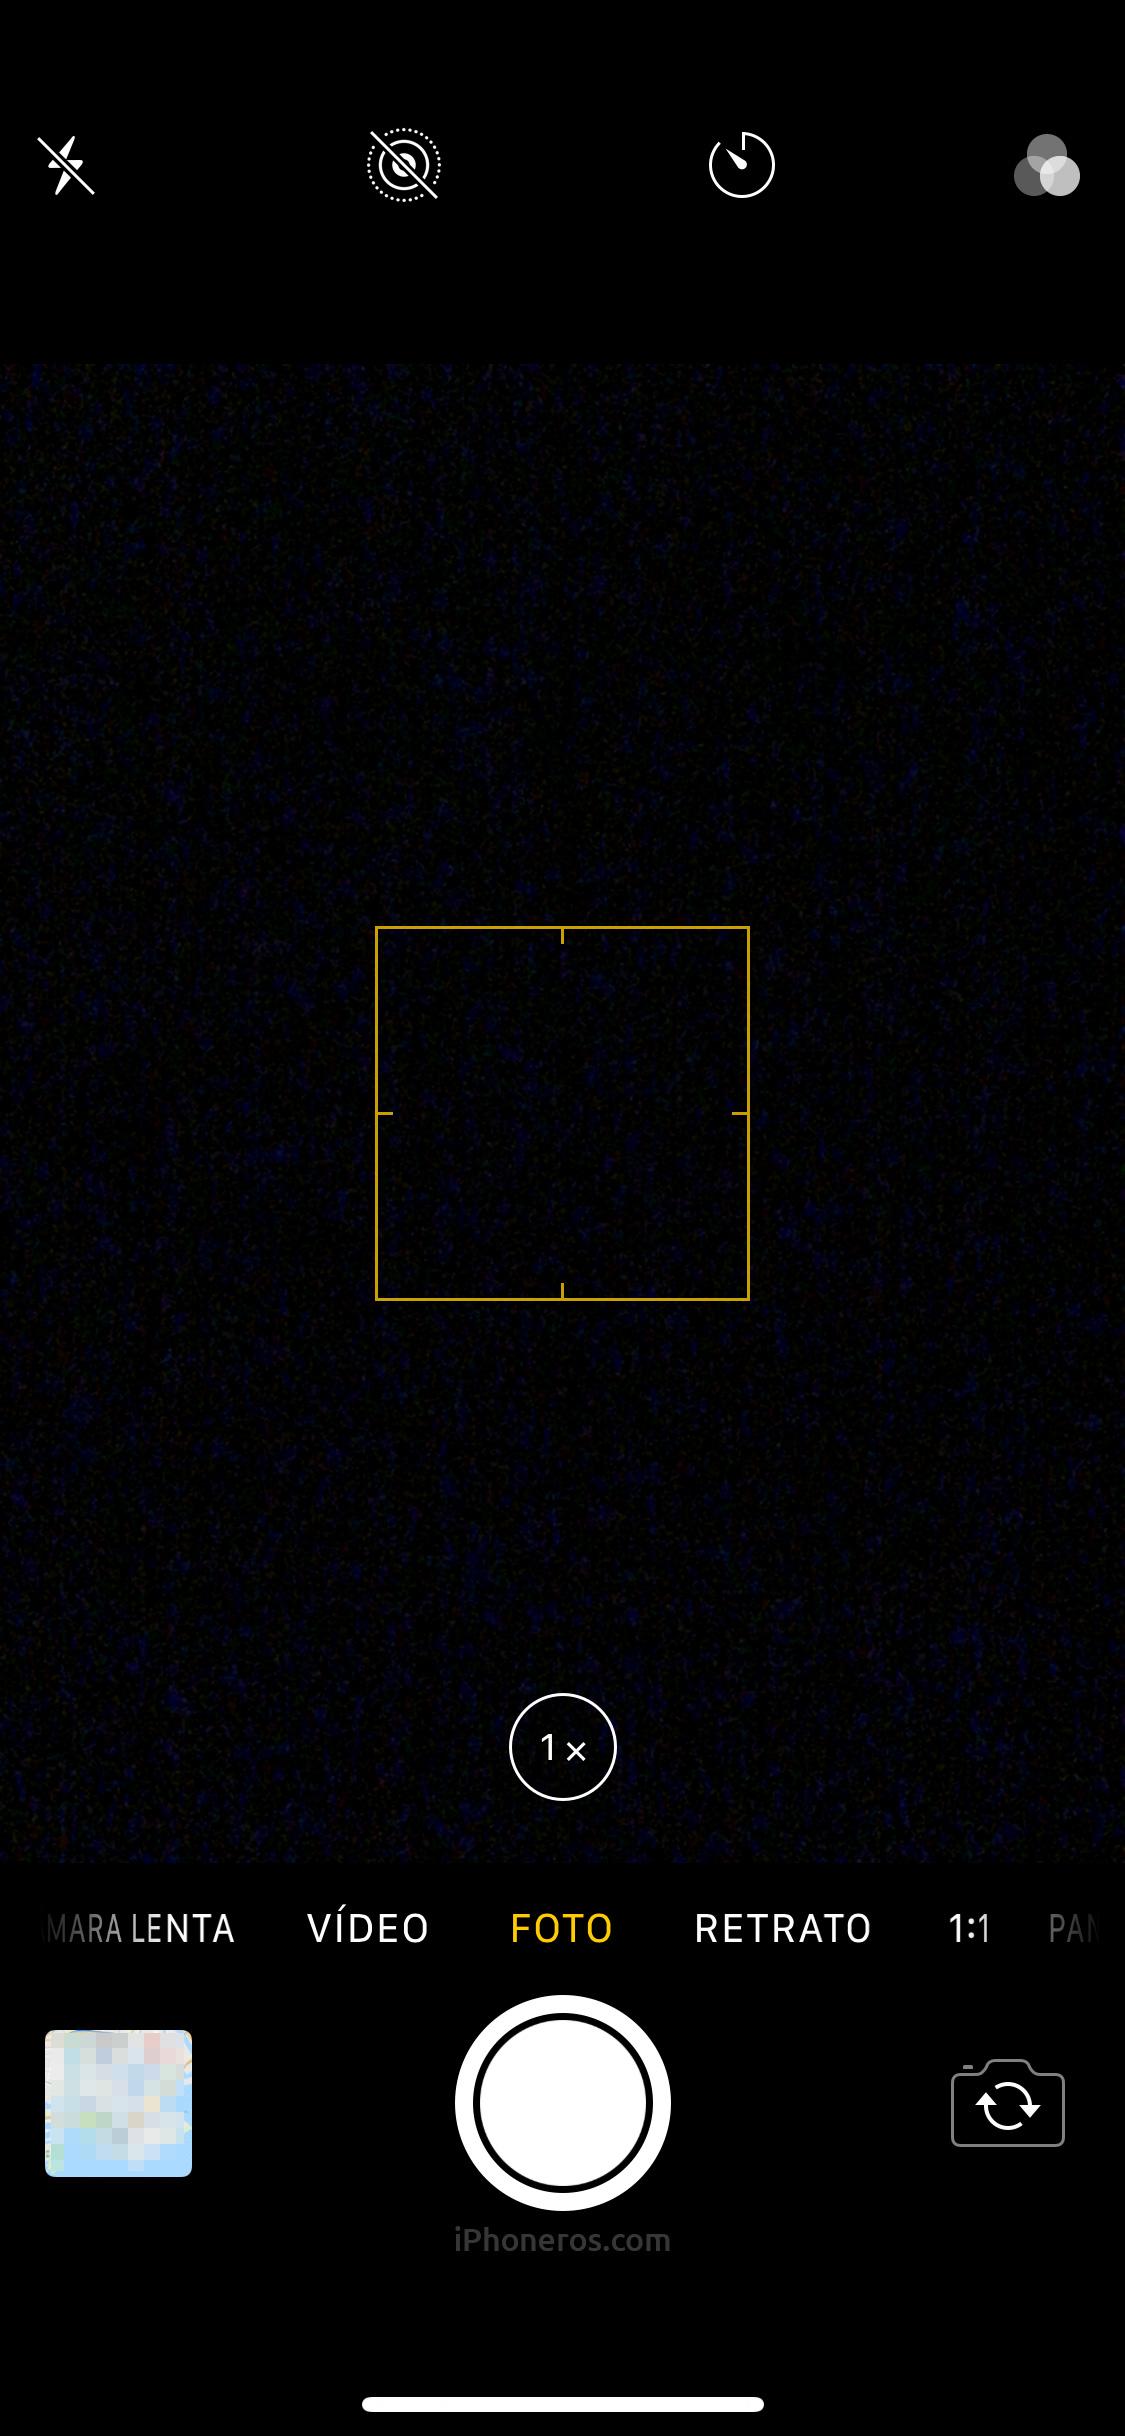 App de Cámara con imagen en negro